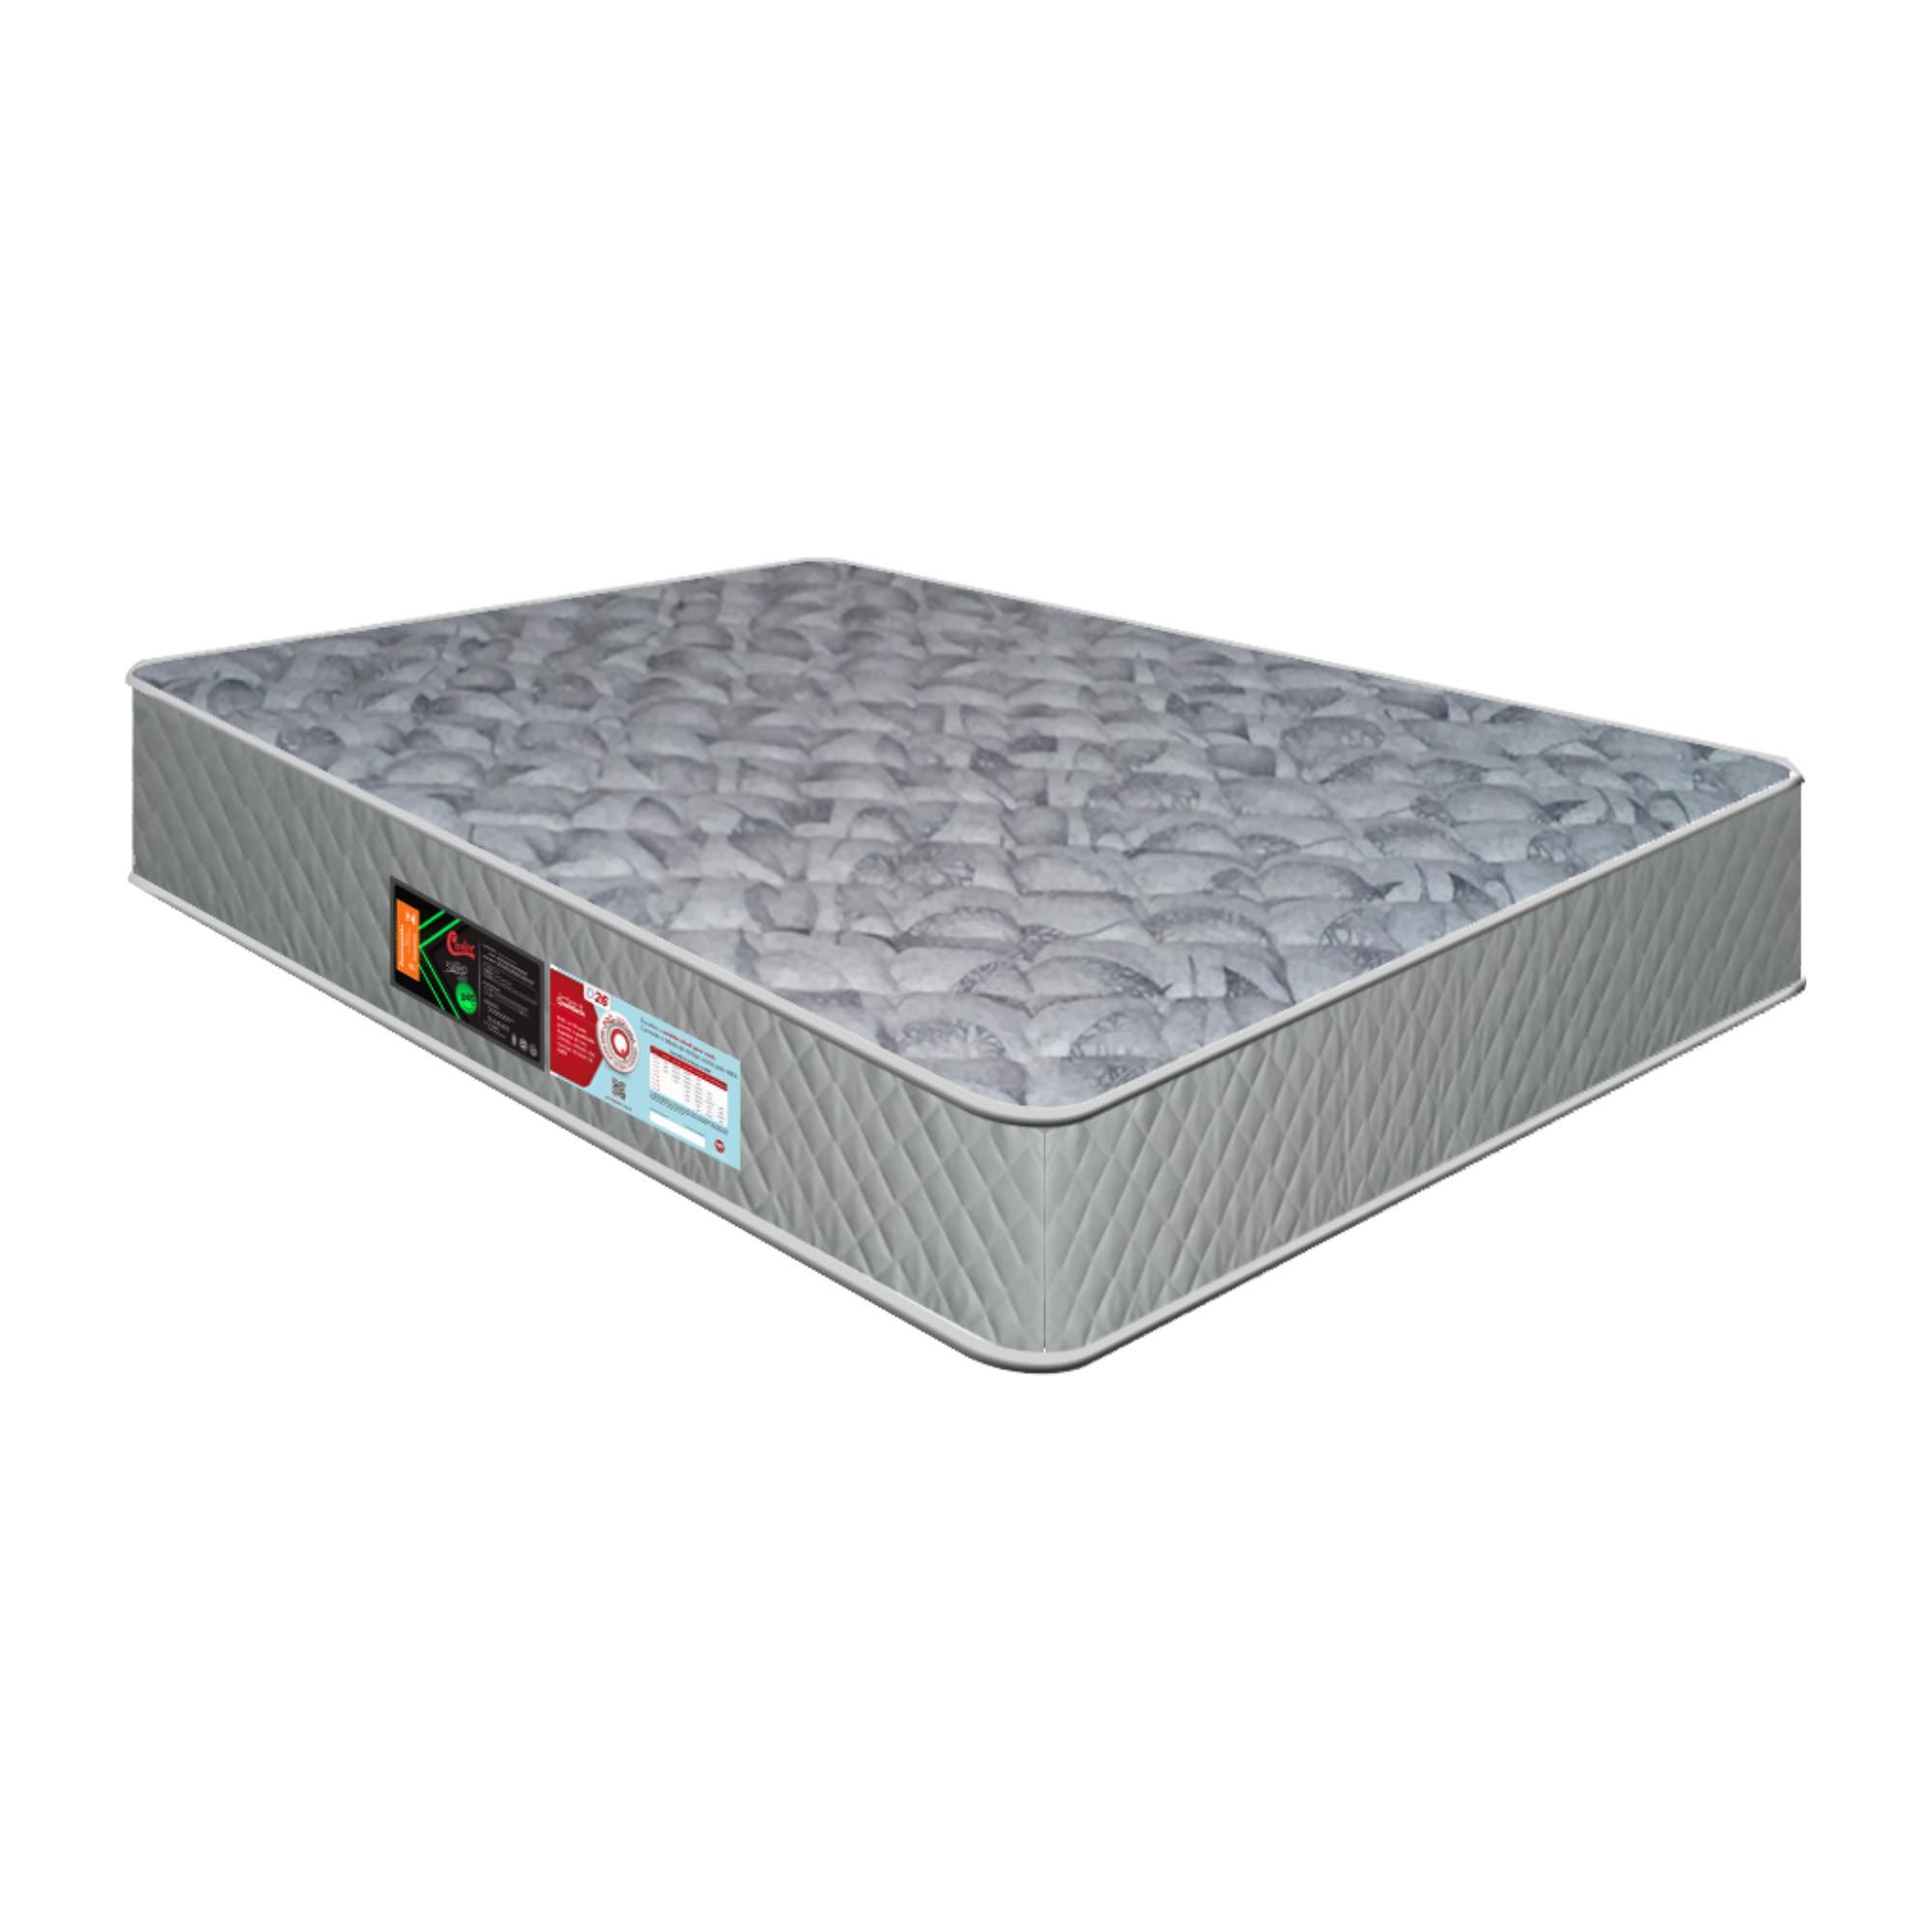 Colchão Castor Sleep Max D33 25 cm [Viúva 128 x 188 cm]